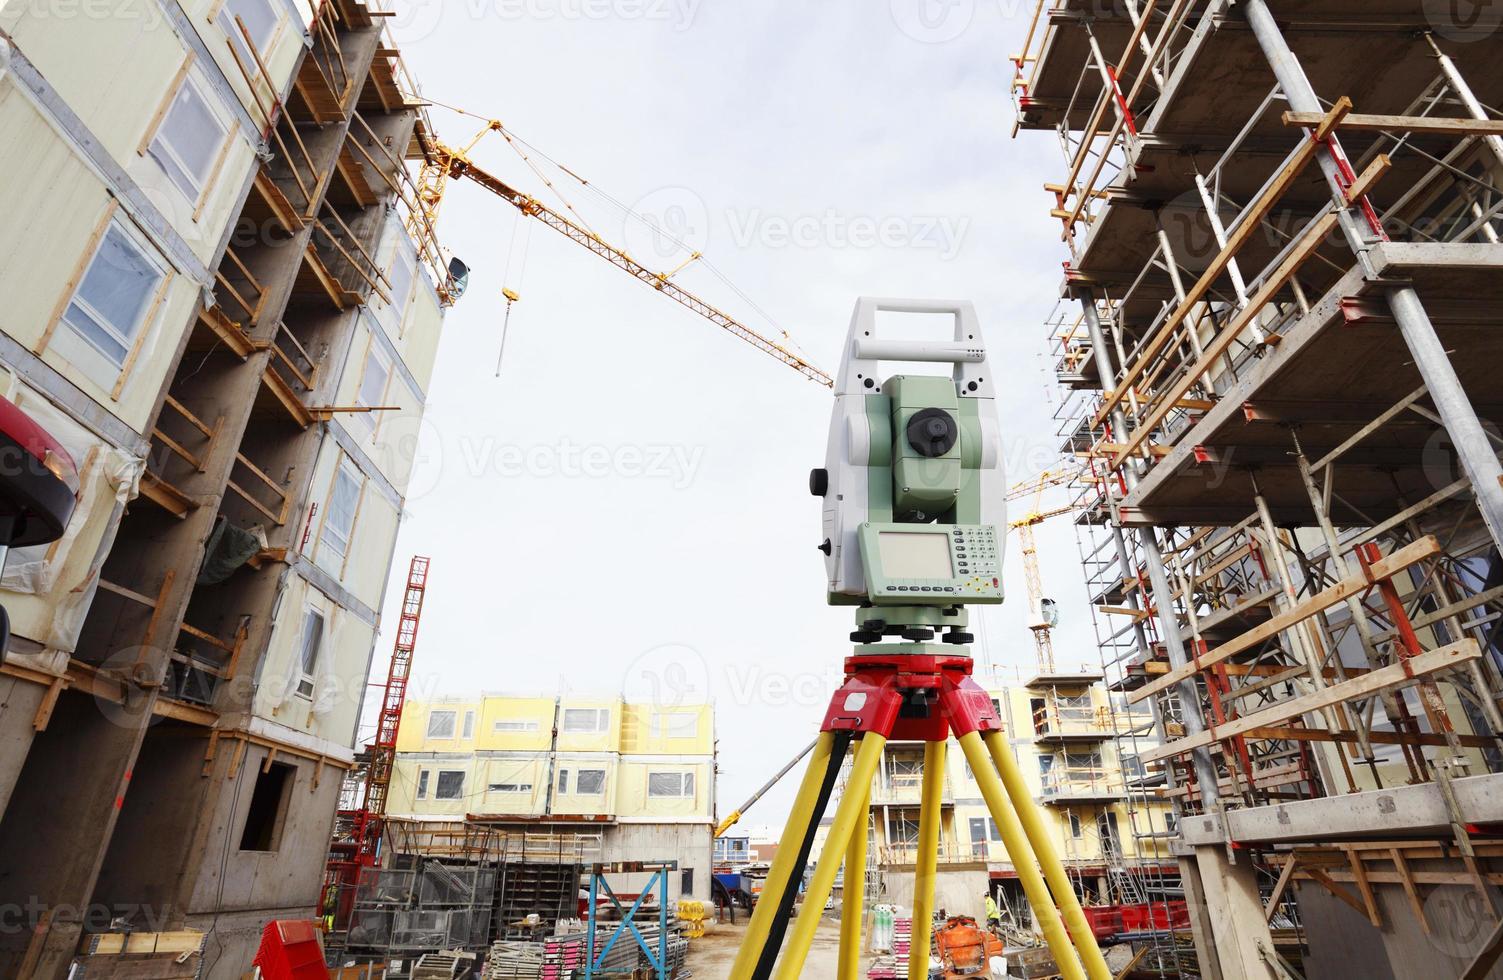 instrumento de medição e construção de topografia foto